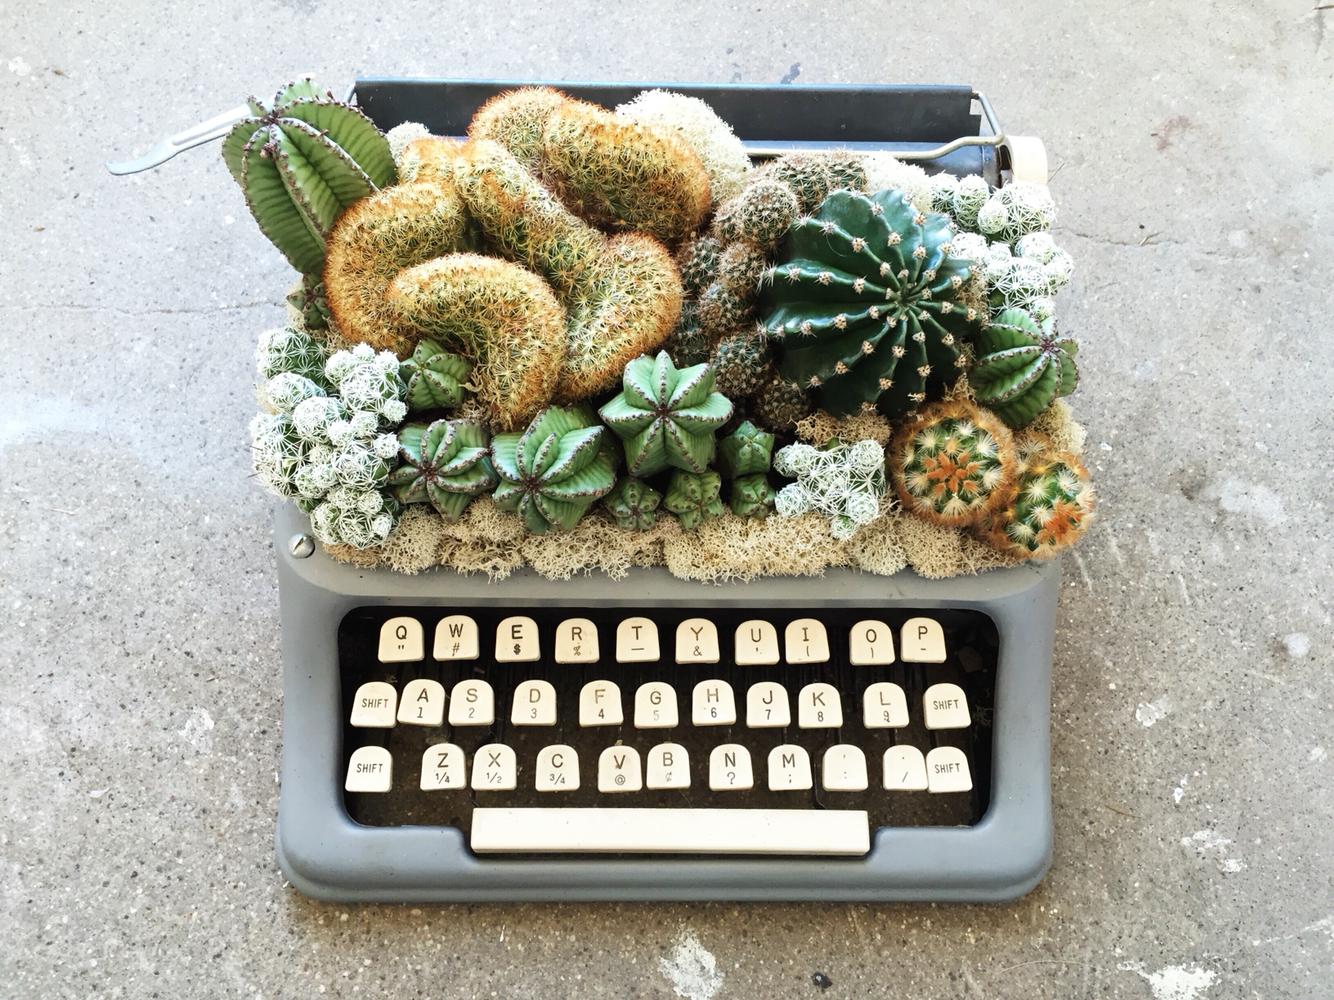 tom thumb typewriter.jpg